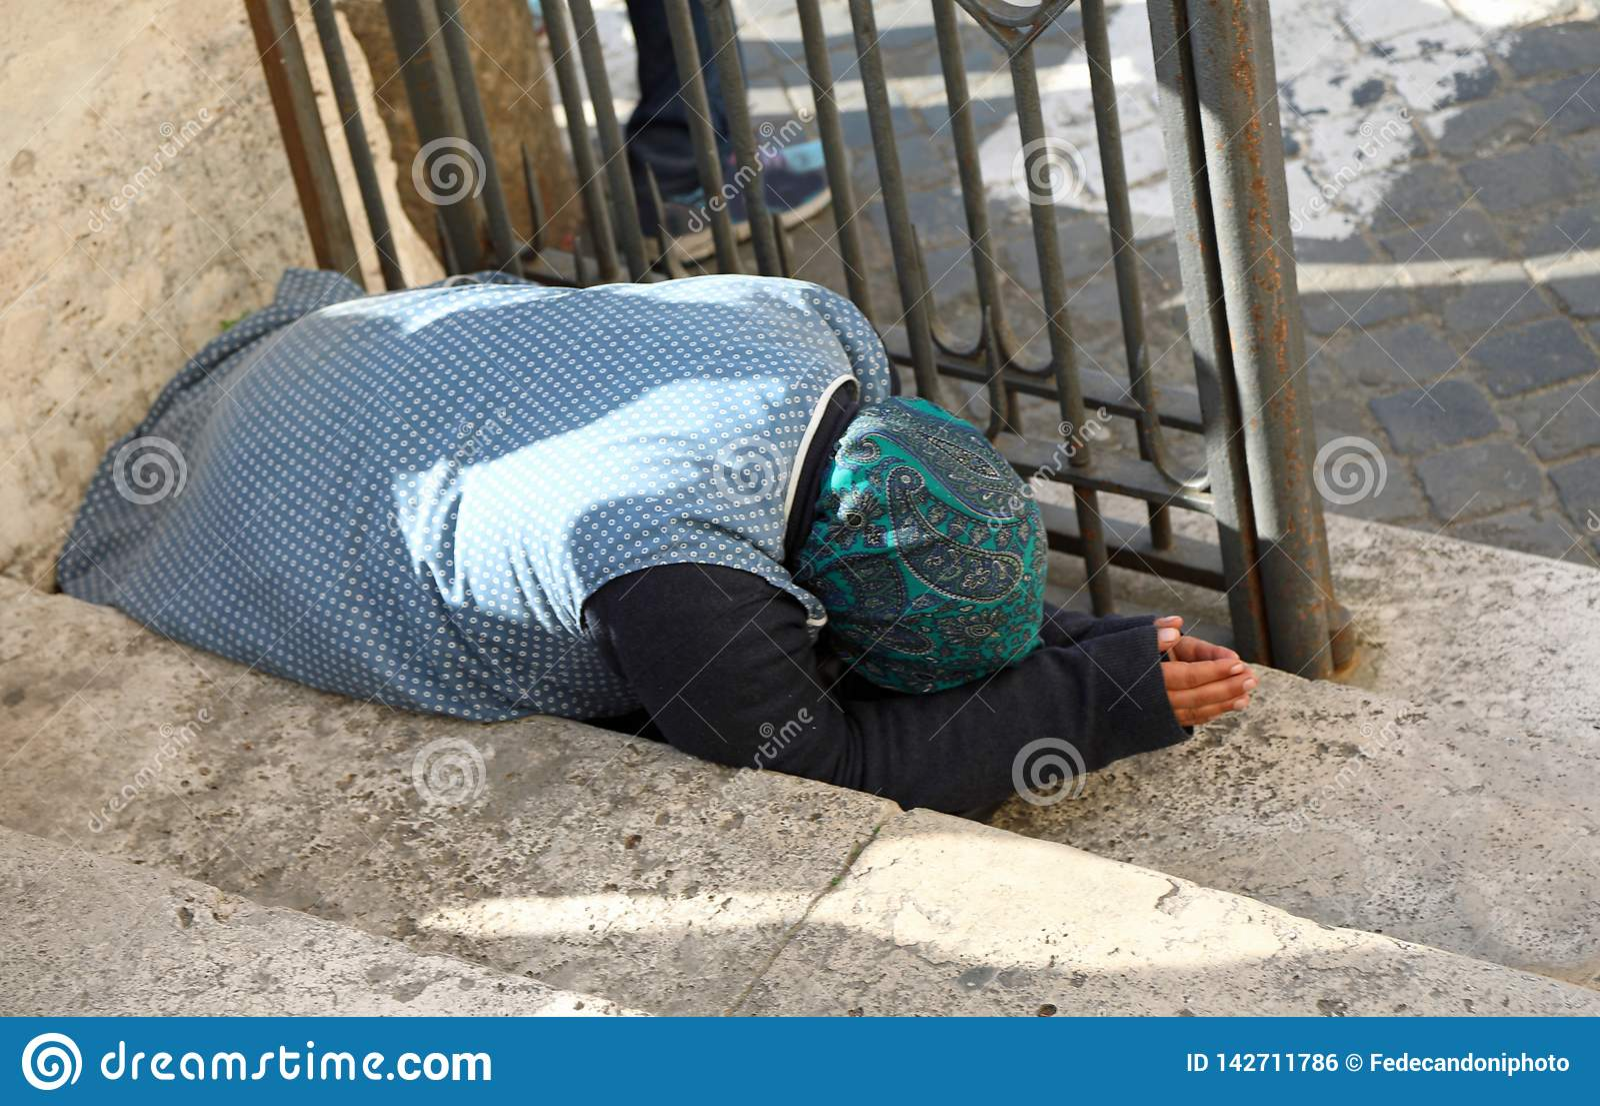 Femme gitane pluse âgé demandant l aumône se mettant à genoux au sol avec